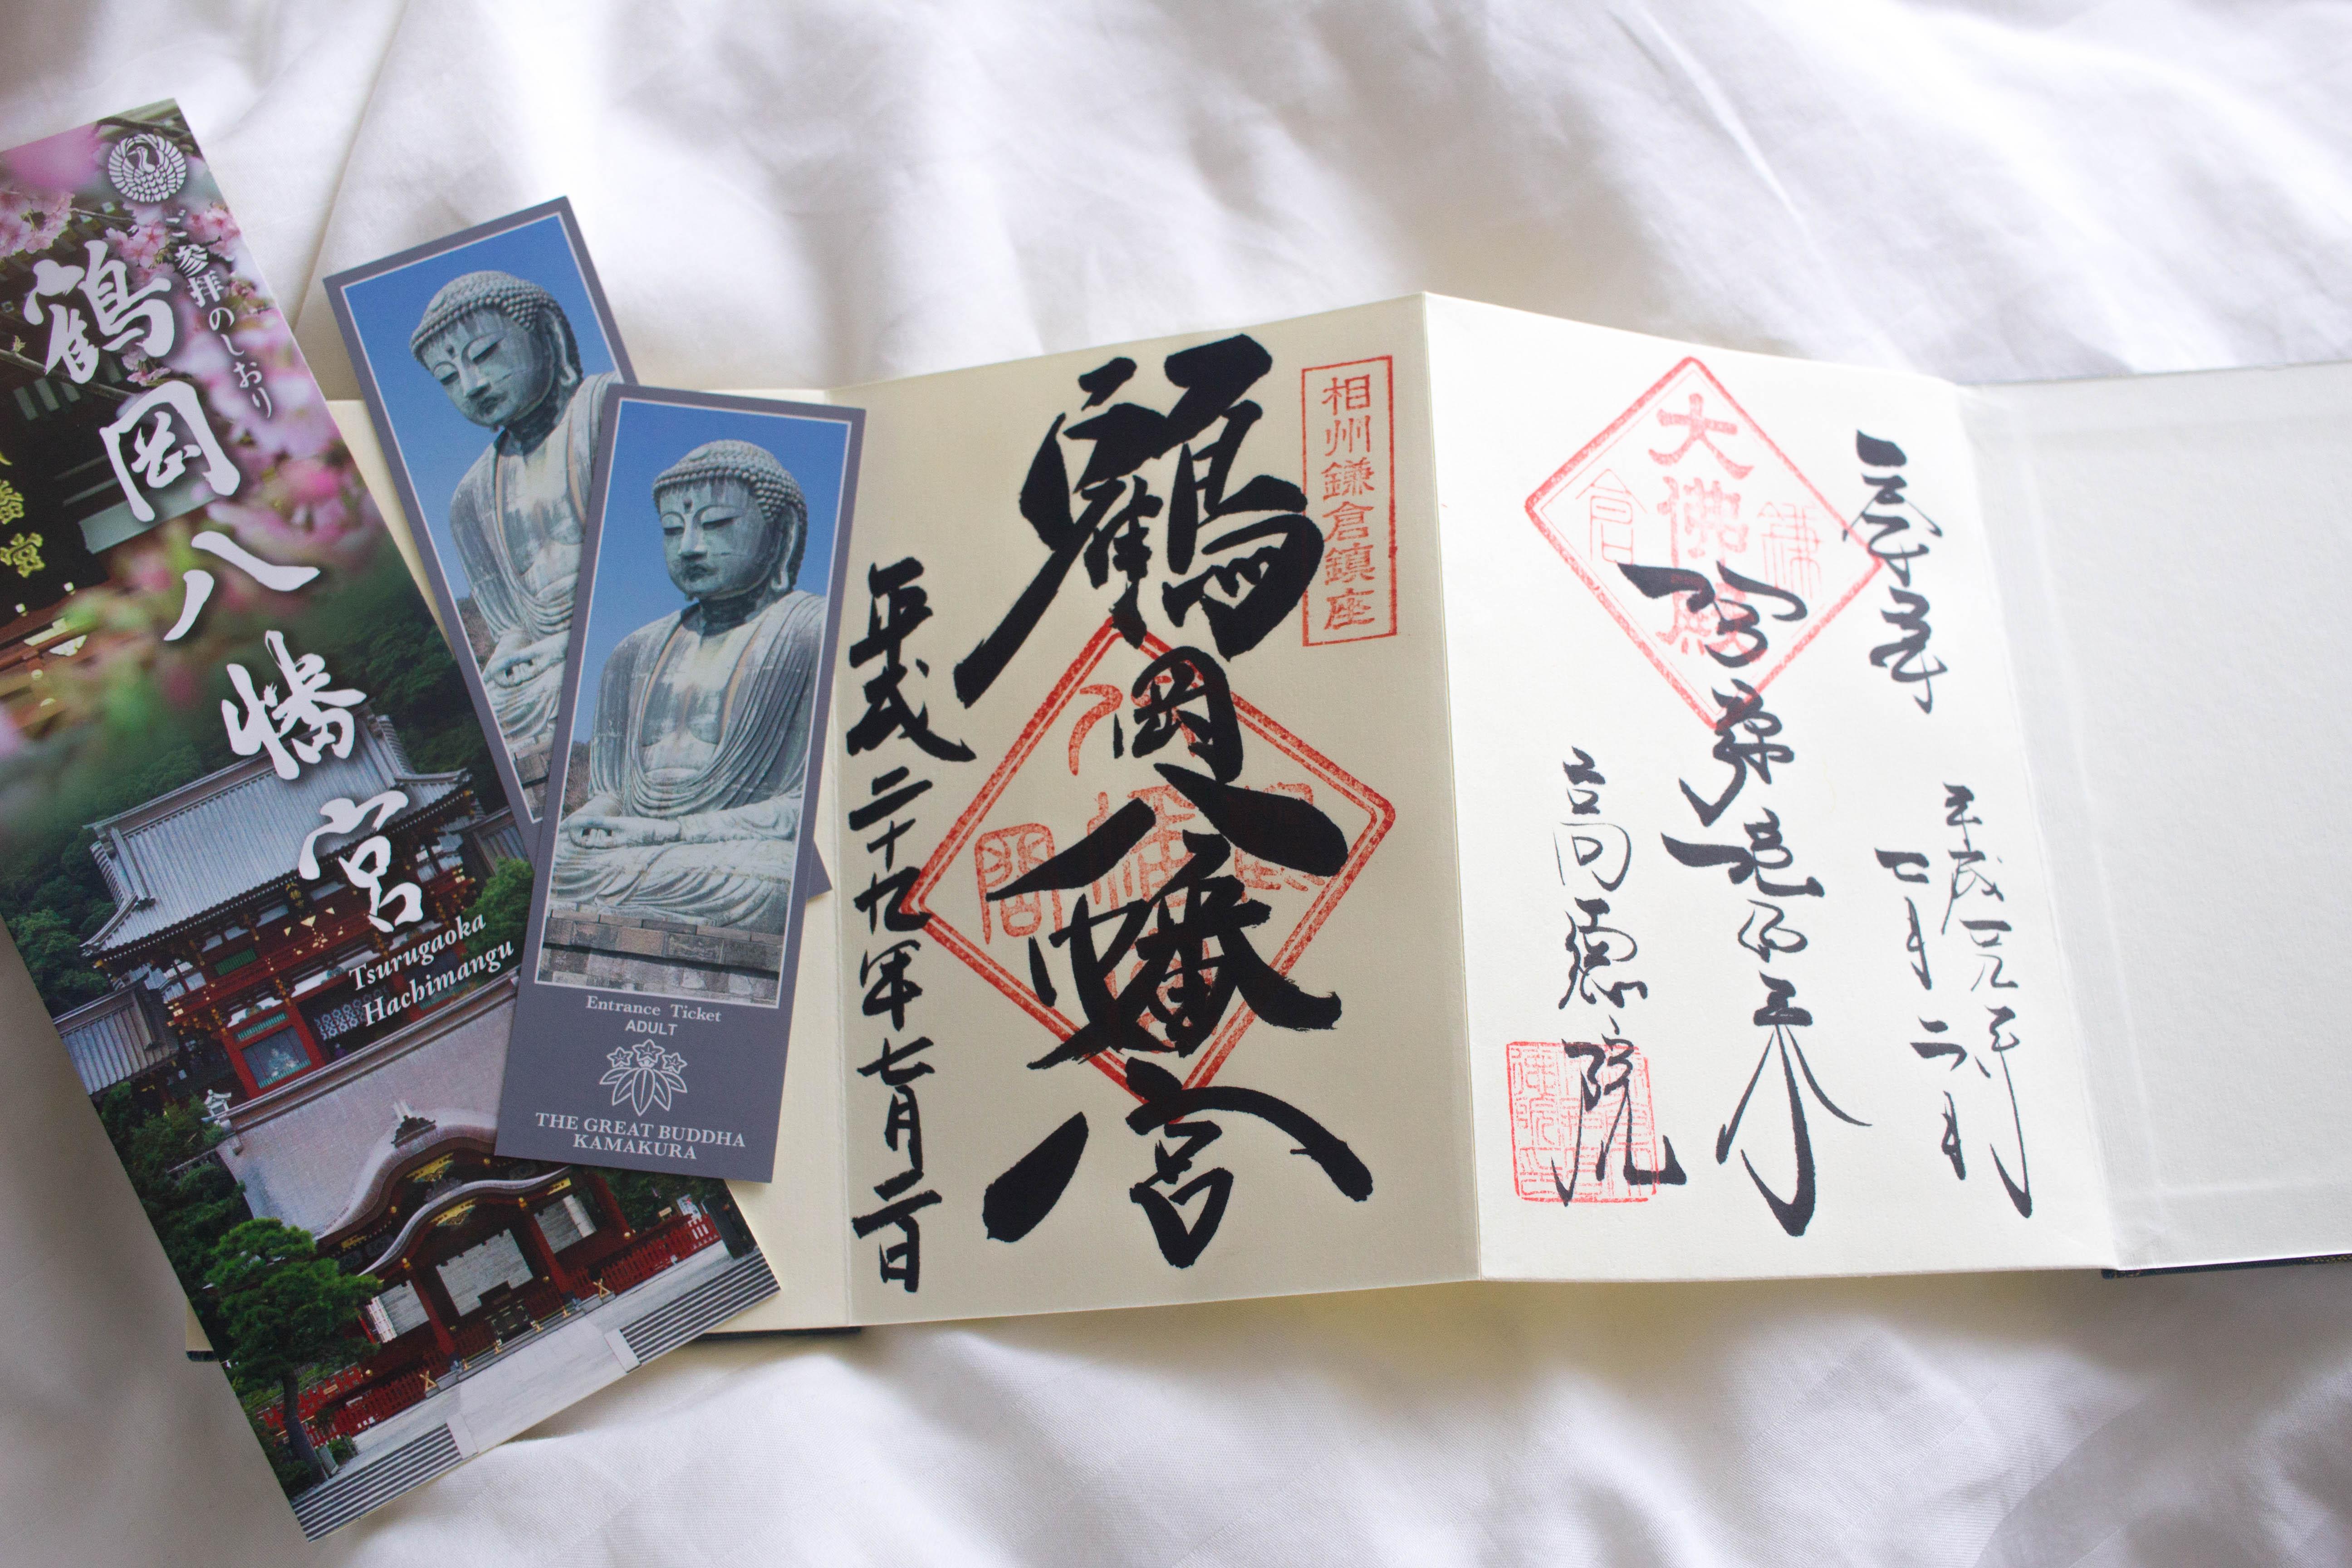 collecting goshuin as a souvenir